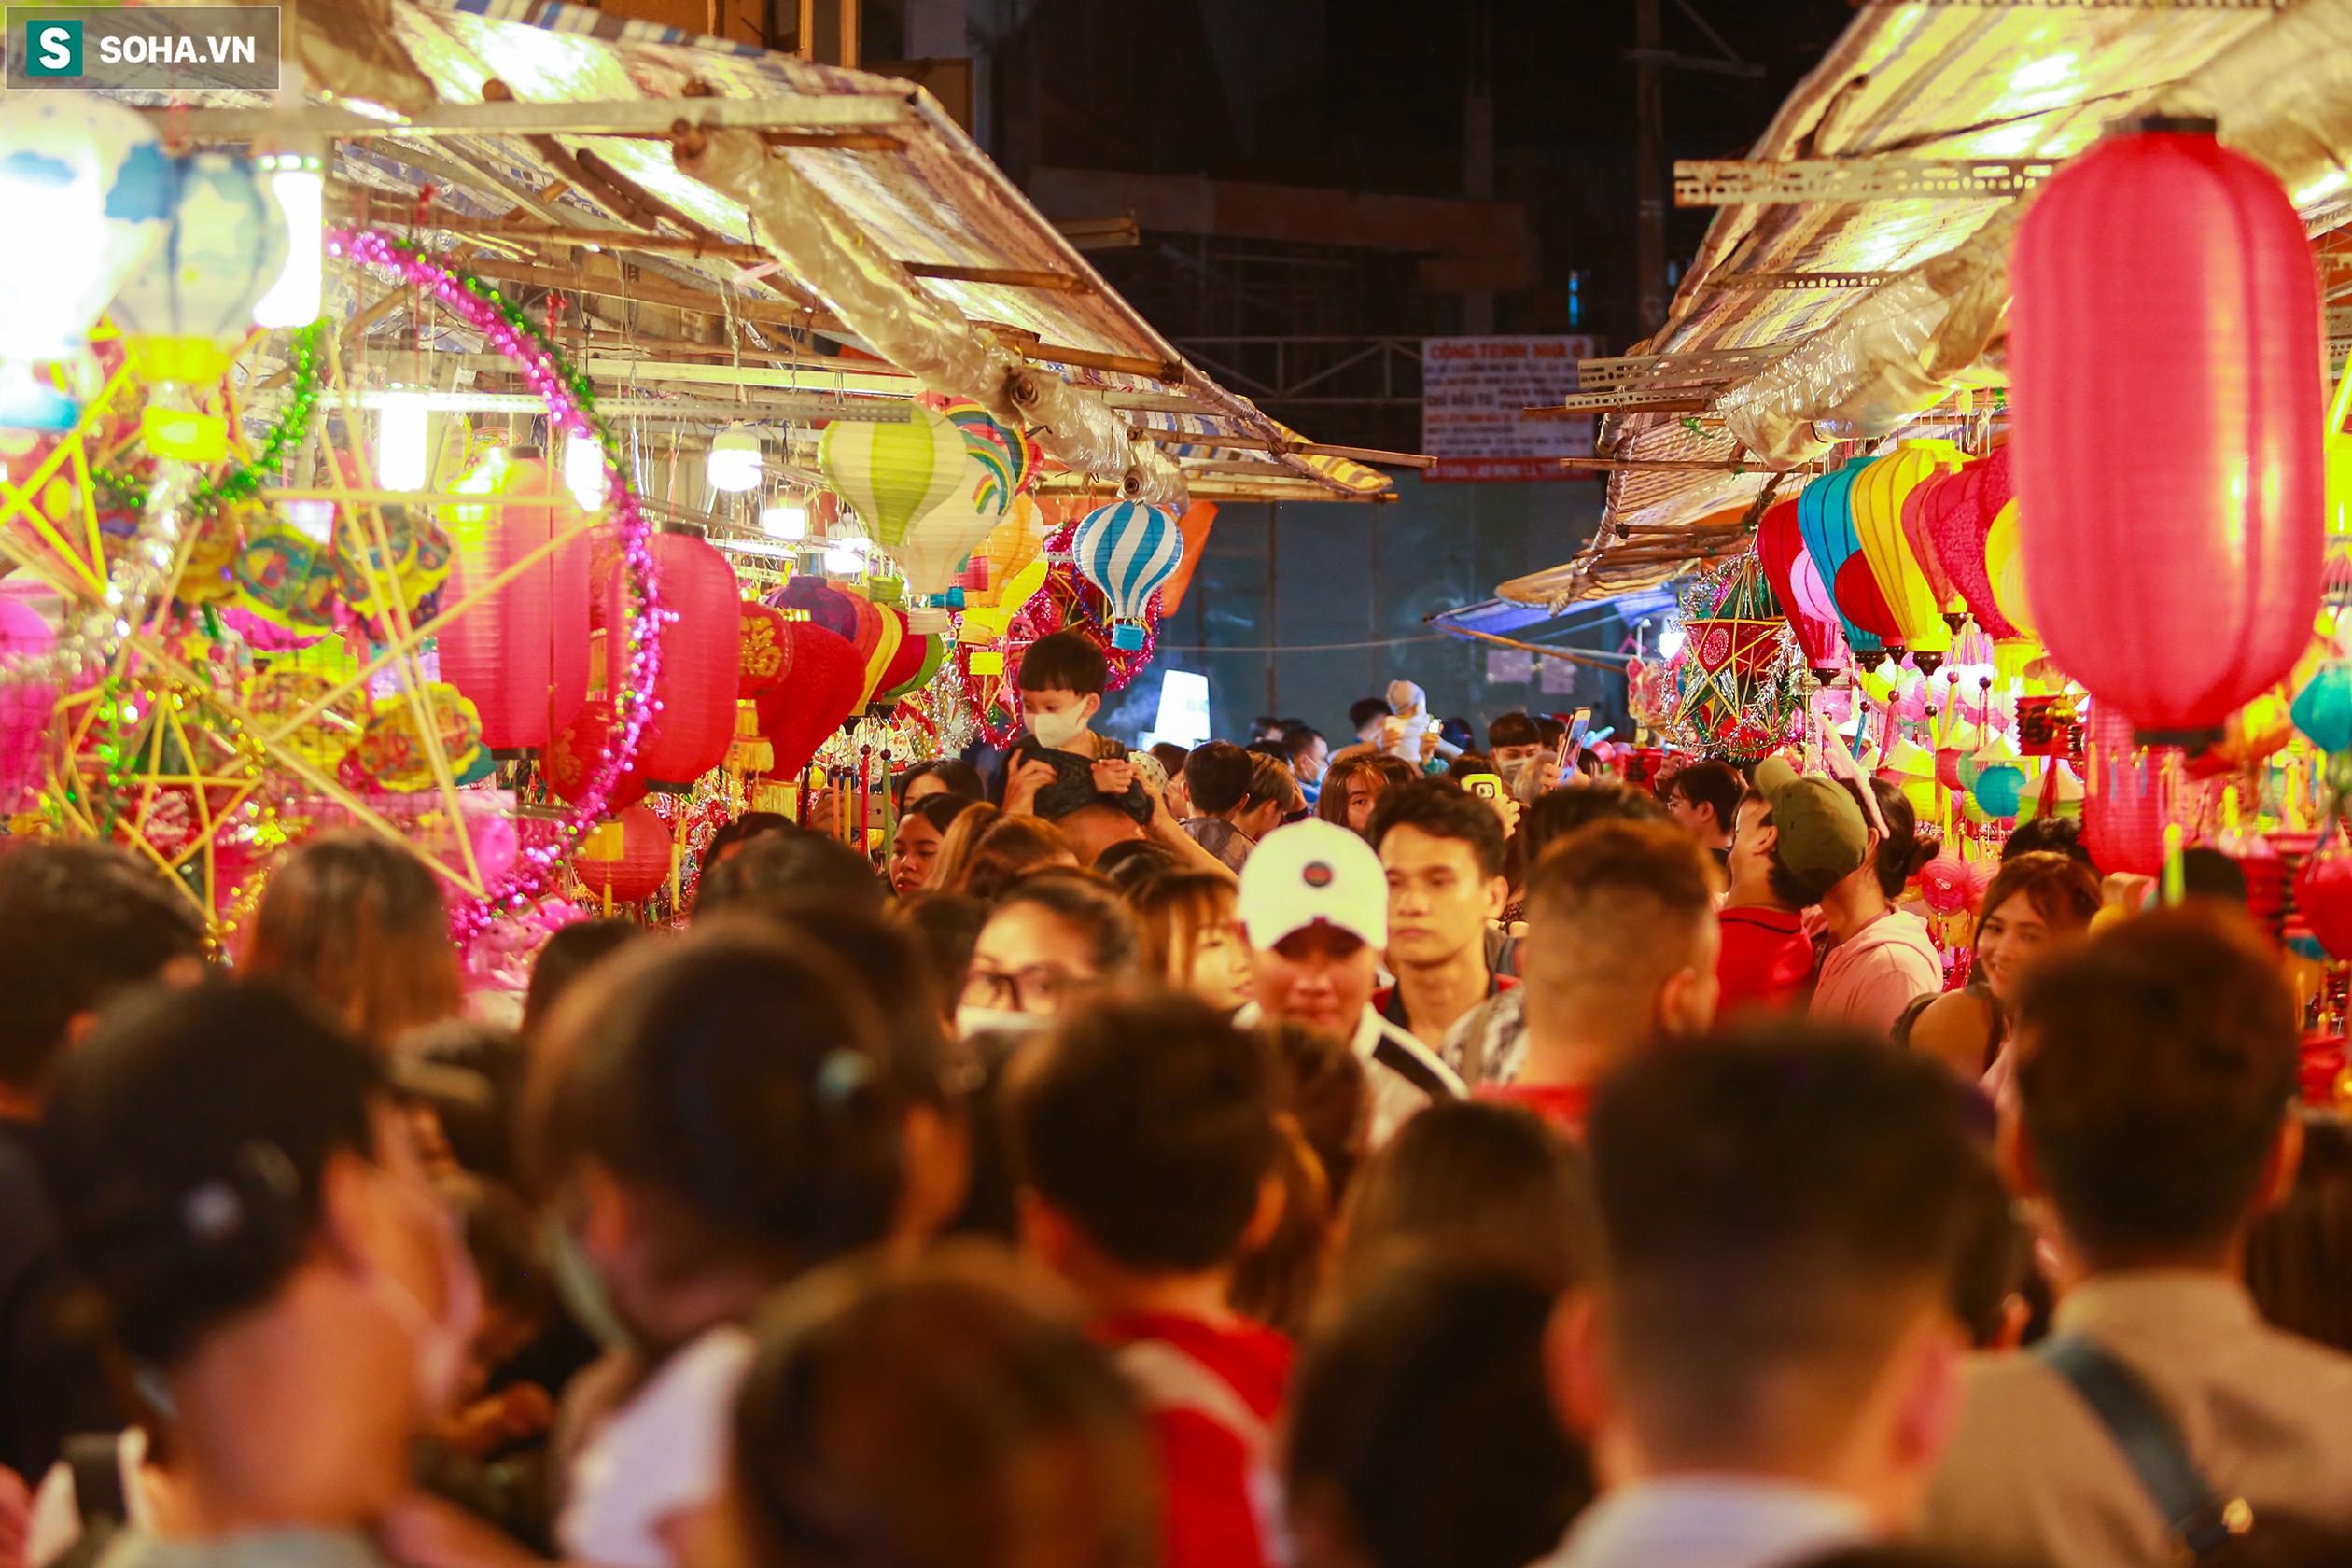 Từ 19h tới 22h đêm, con phố này luôn trong tình trạng chật kín người. Nhất là thời điểm ngày cuối tuần, lượng khách tăng mạnh.